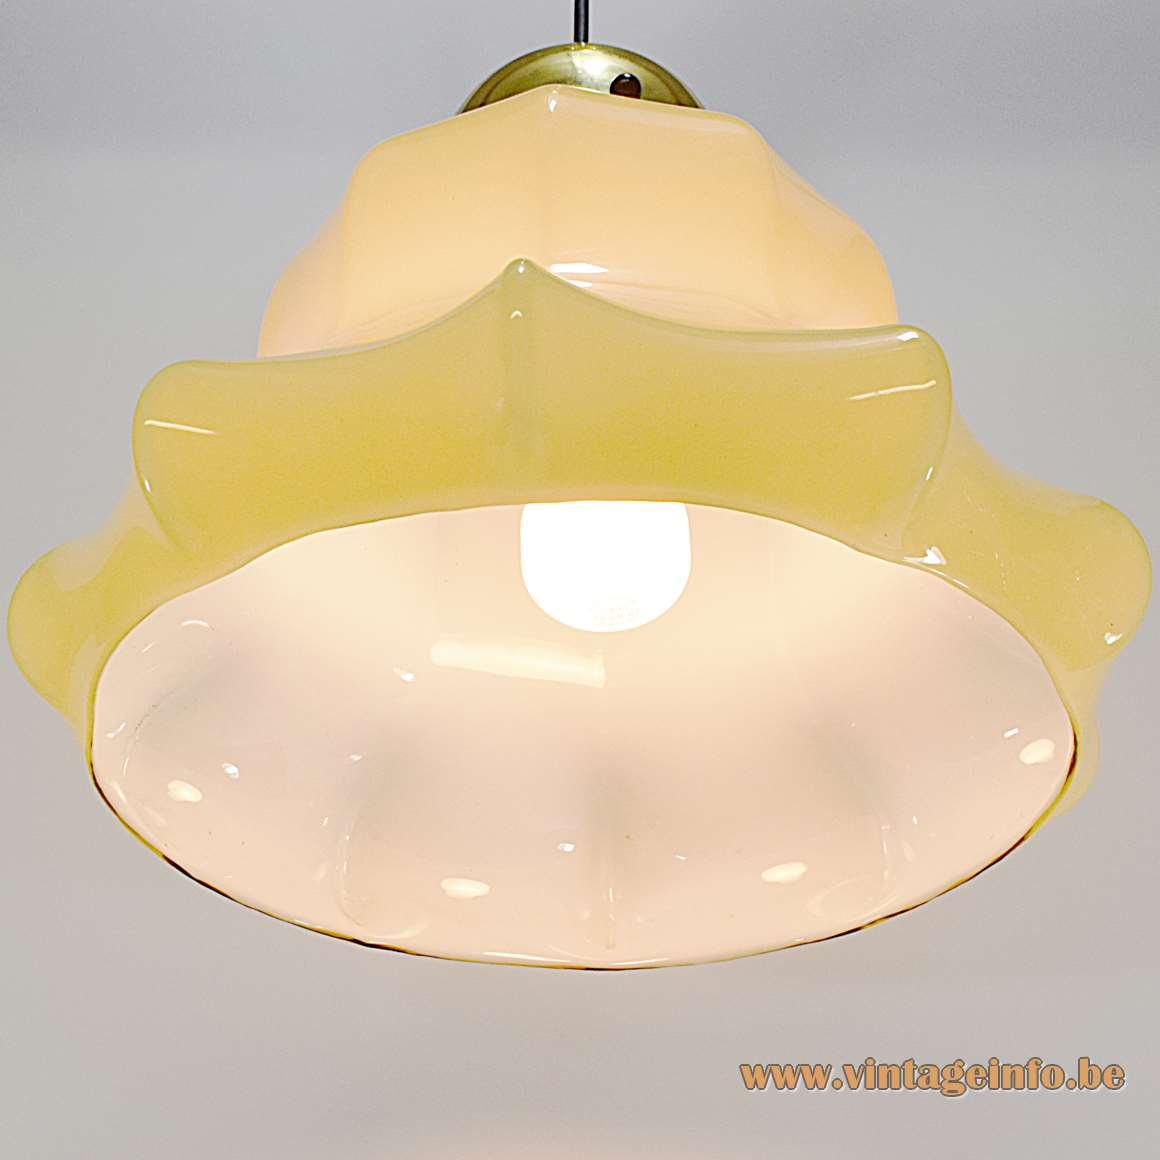 Peill & Putzler Vanilla Pendant Light